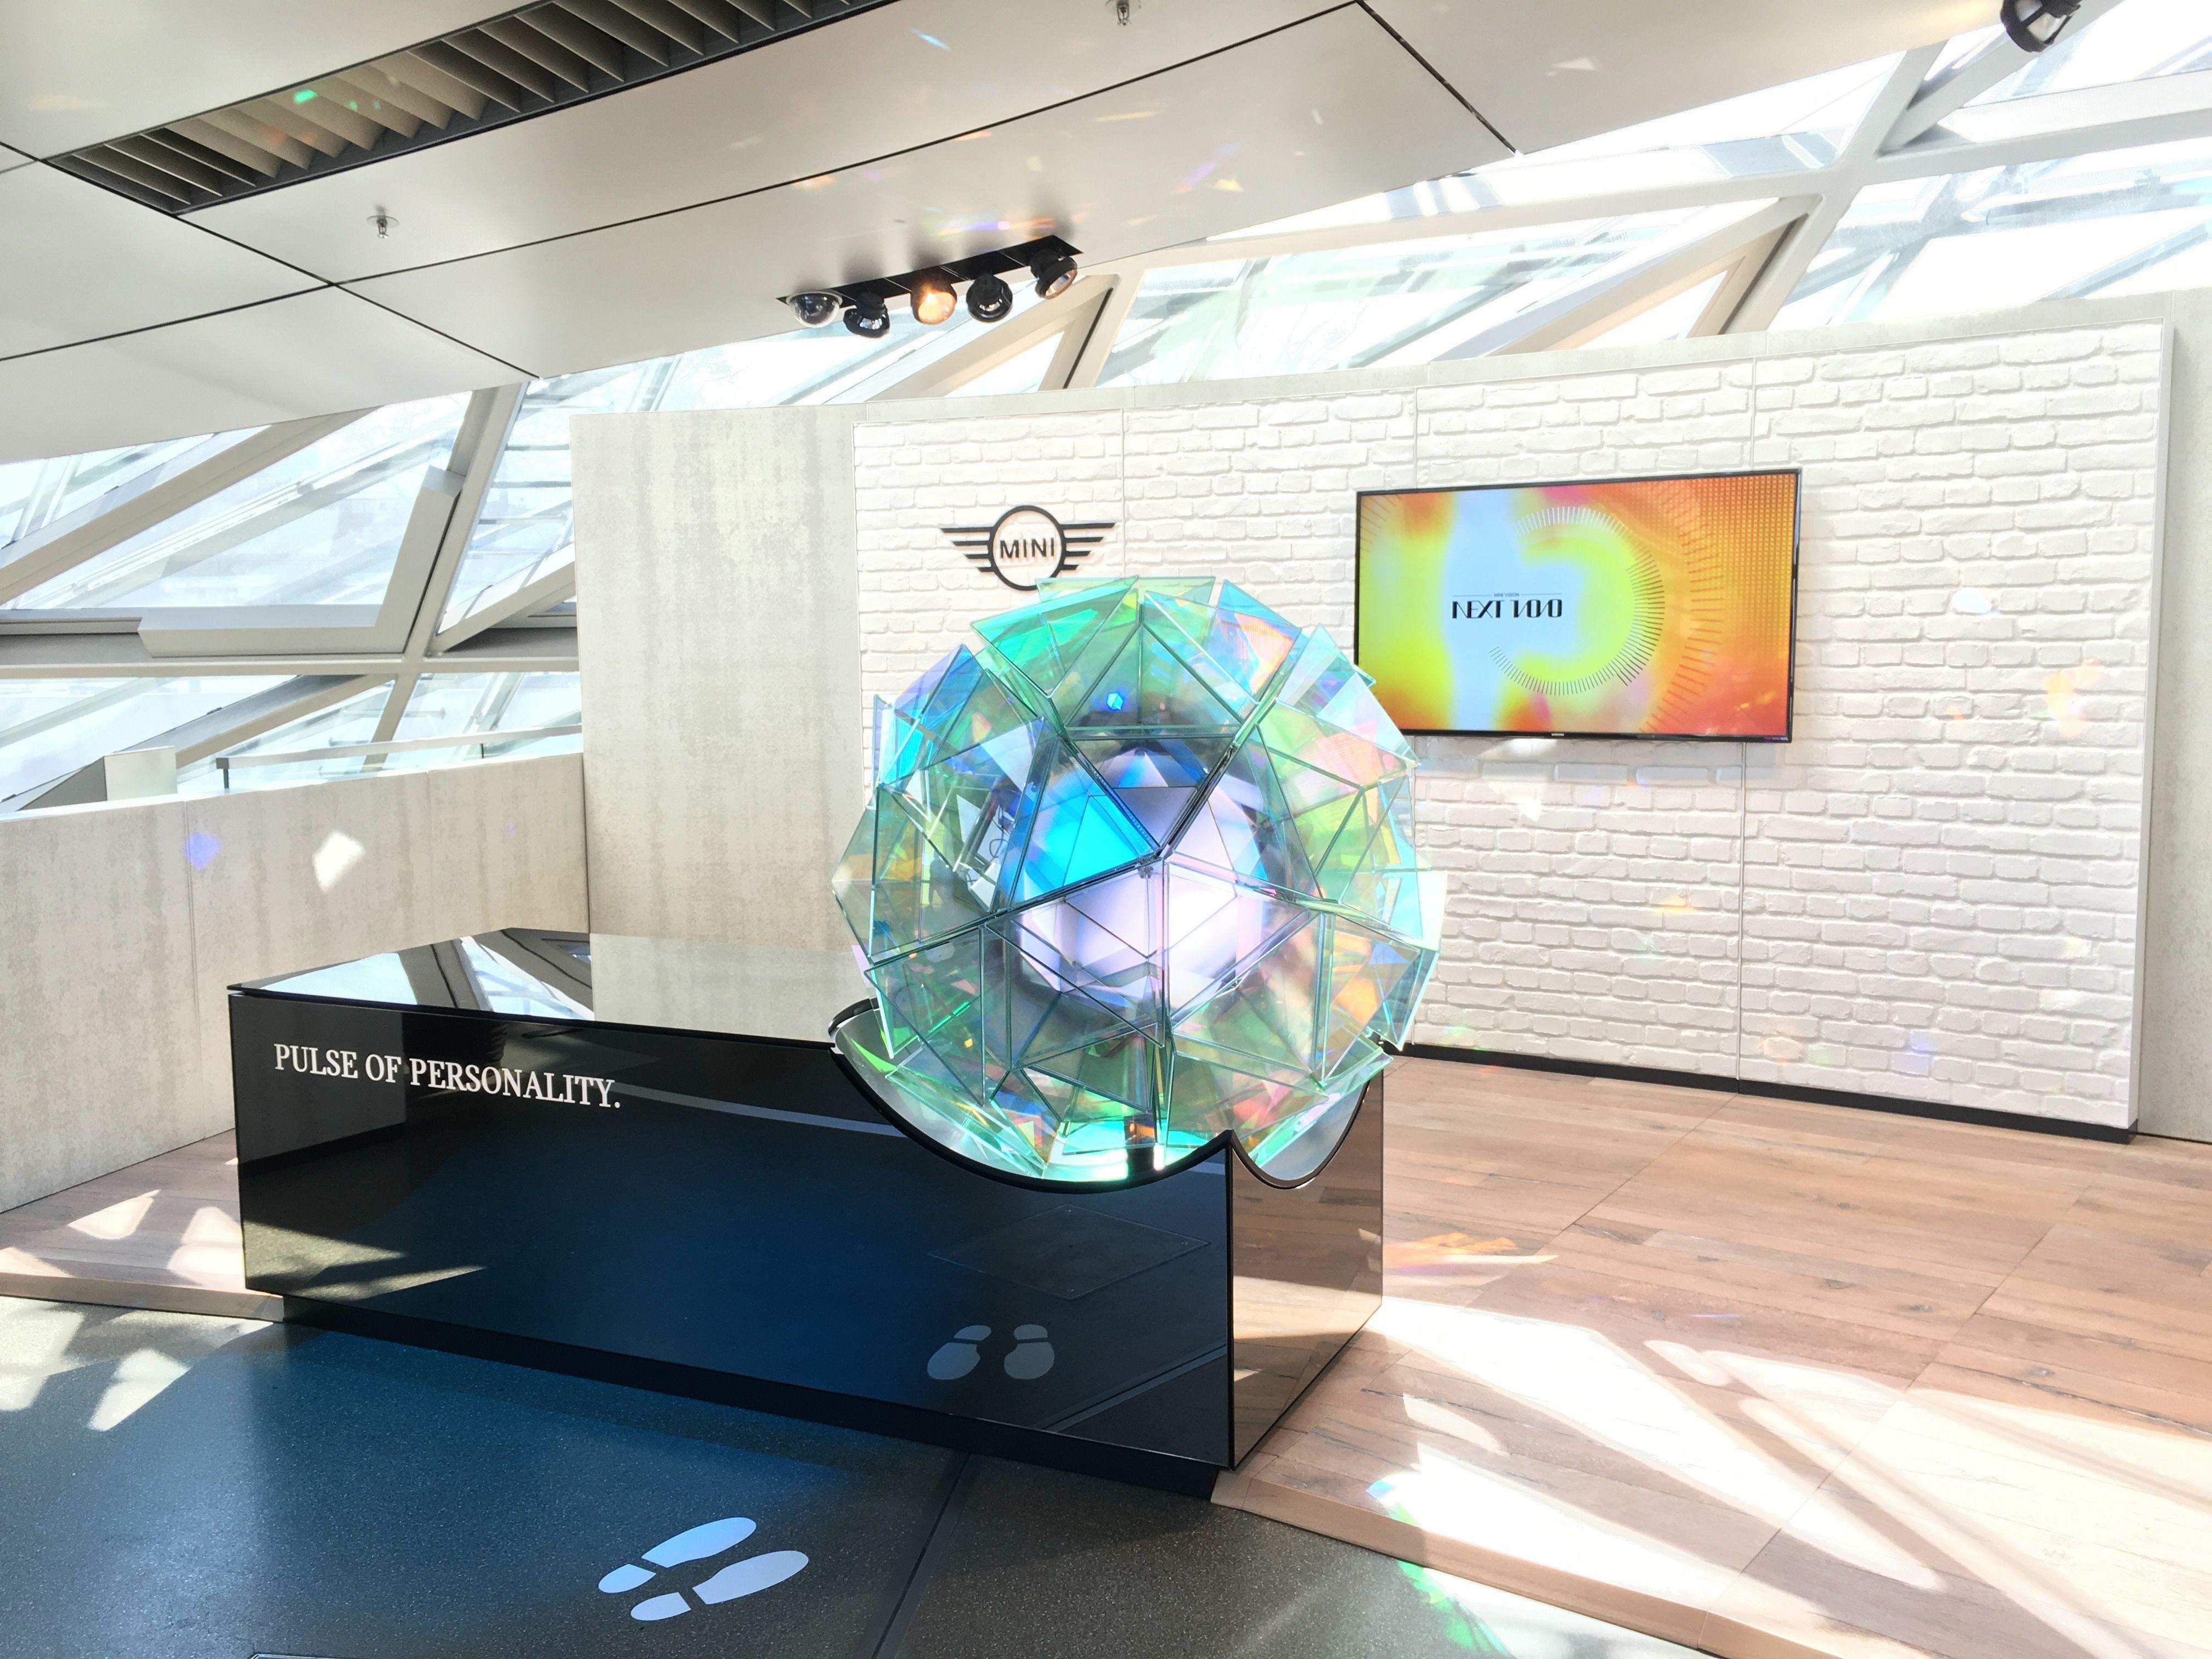 Seit einigen Tagen öffentlich: die Zukunftsausstellung der BMW Group THE NEXT 100 YEARS in der BMW Welt mit den kinetischen Skulpturen von simple. Ab 4. Mai in Peking, im Juli in London, im Oktober in L.A. - demnächst mehr auf simple.de